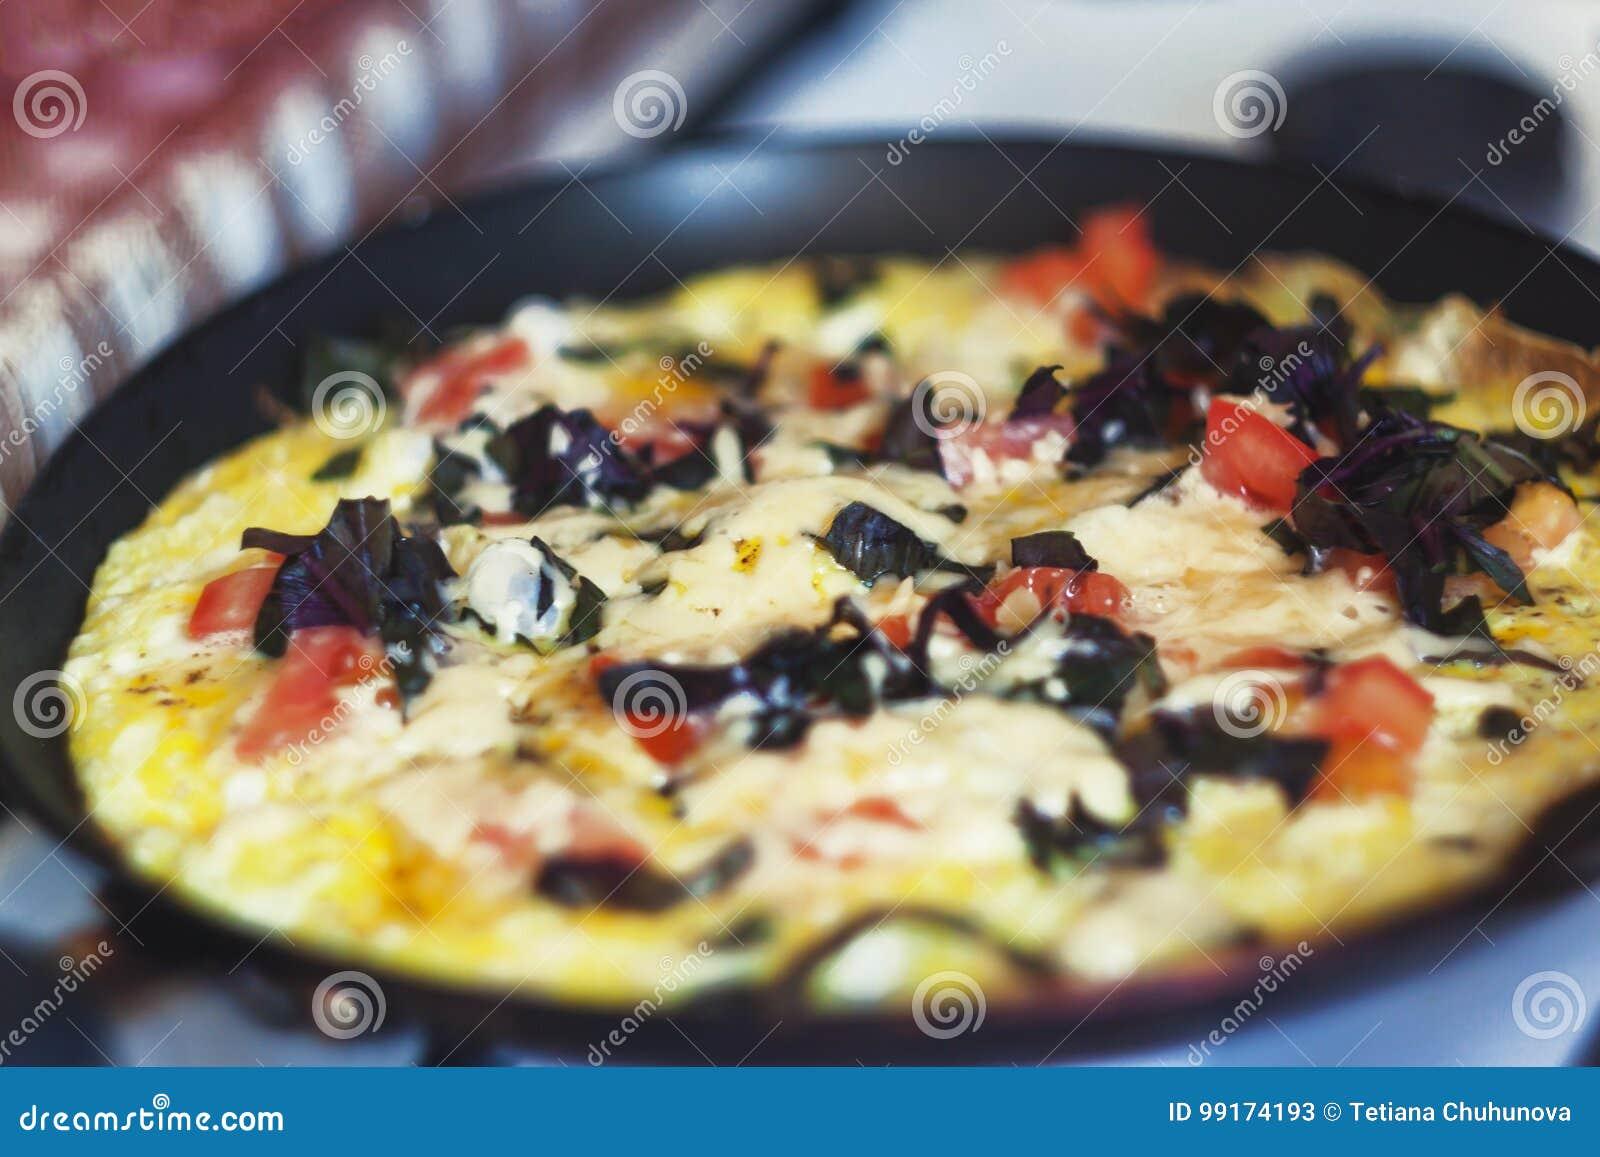 与菜的煎蛋卷在火炉的一个煎锅